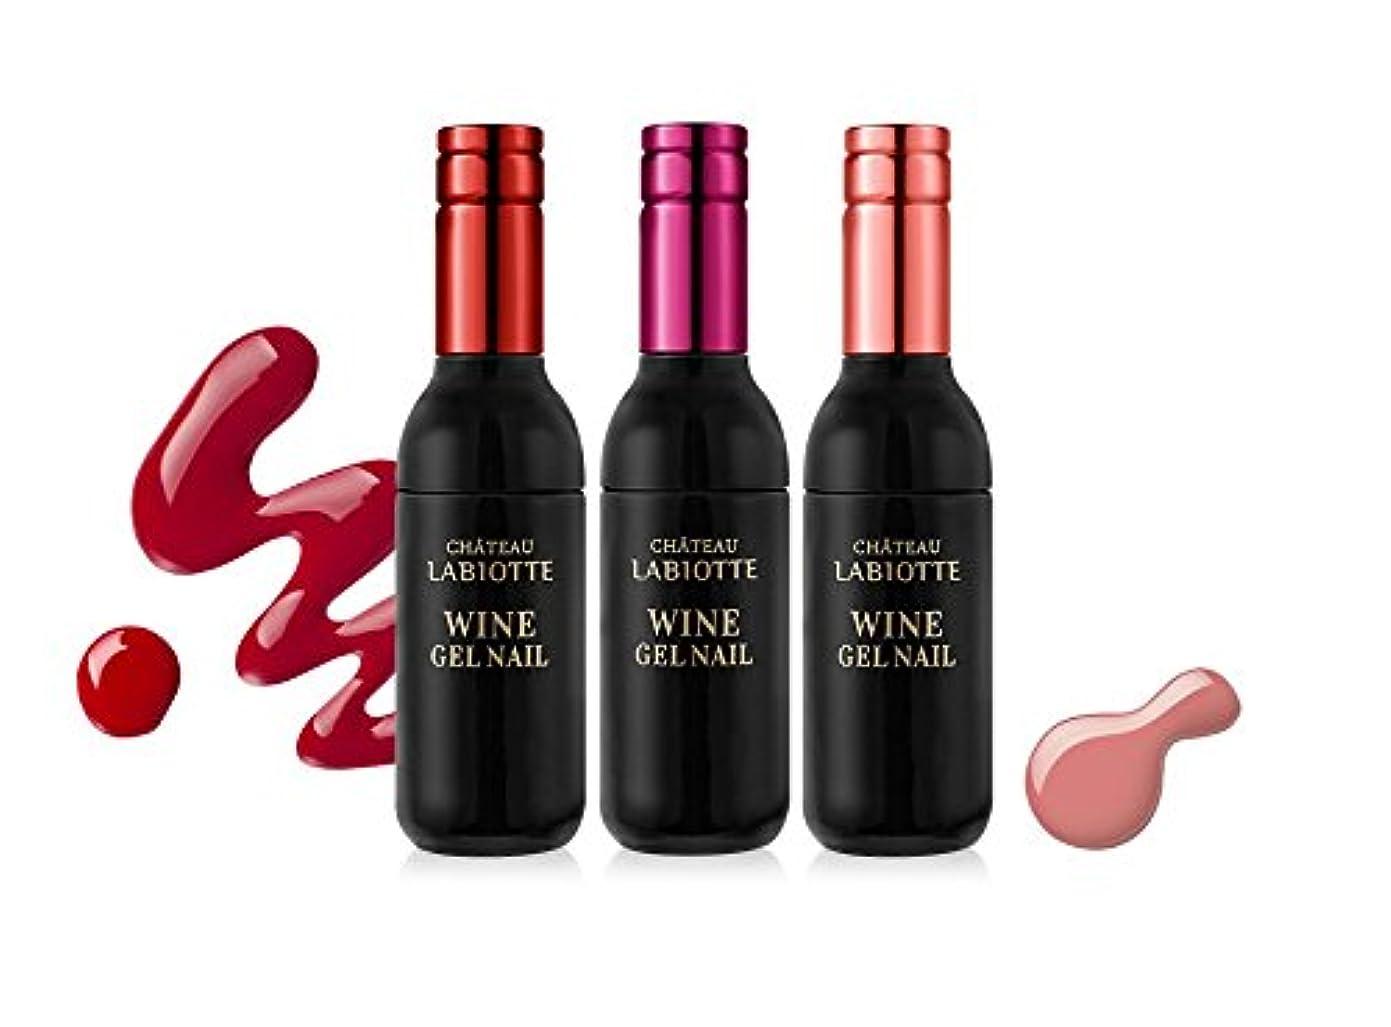 集団矛盾するベルトLabiotte(ラビオトゥ/ラビオッテ) シャトー ラビオッテ ジェルネイル/Chateau Labiotte Wine Gel Nail(10.9g) (BE01. メロディーヌード) [並行輸入品]